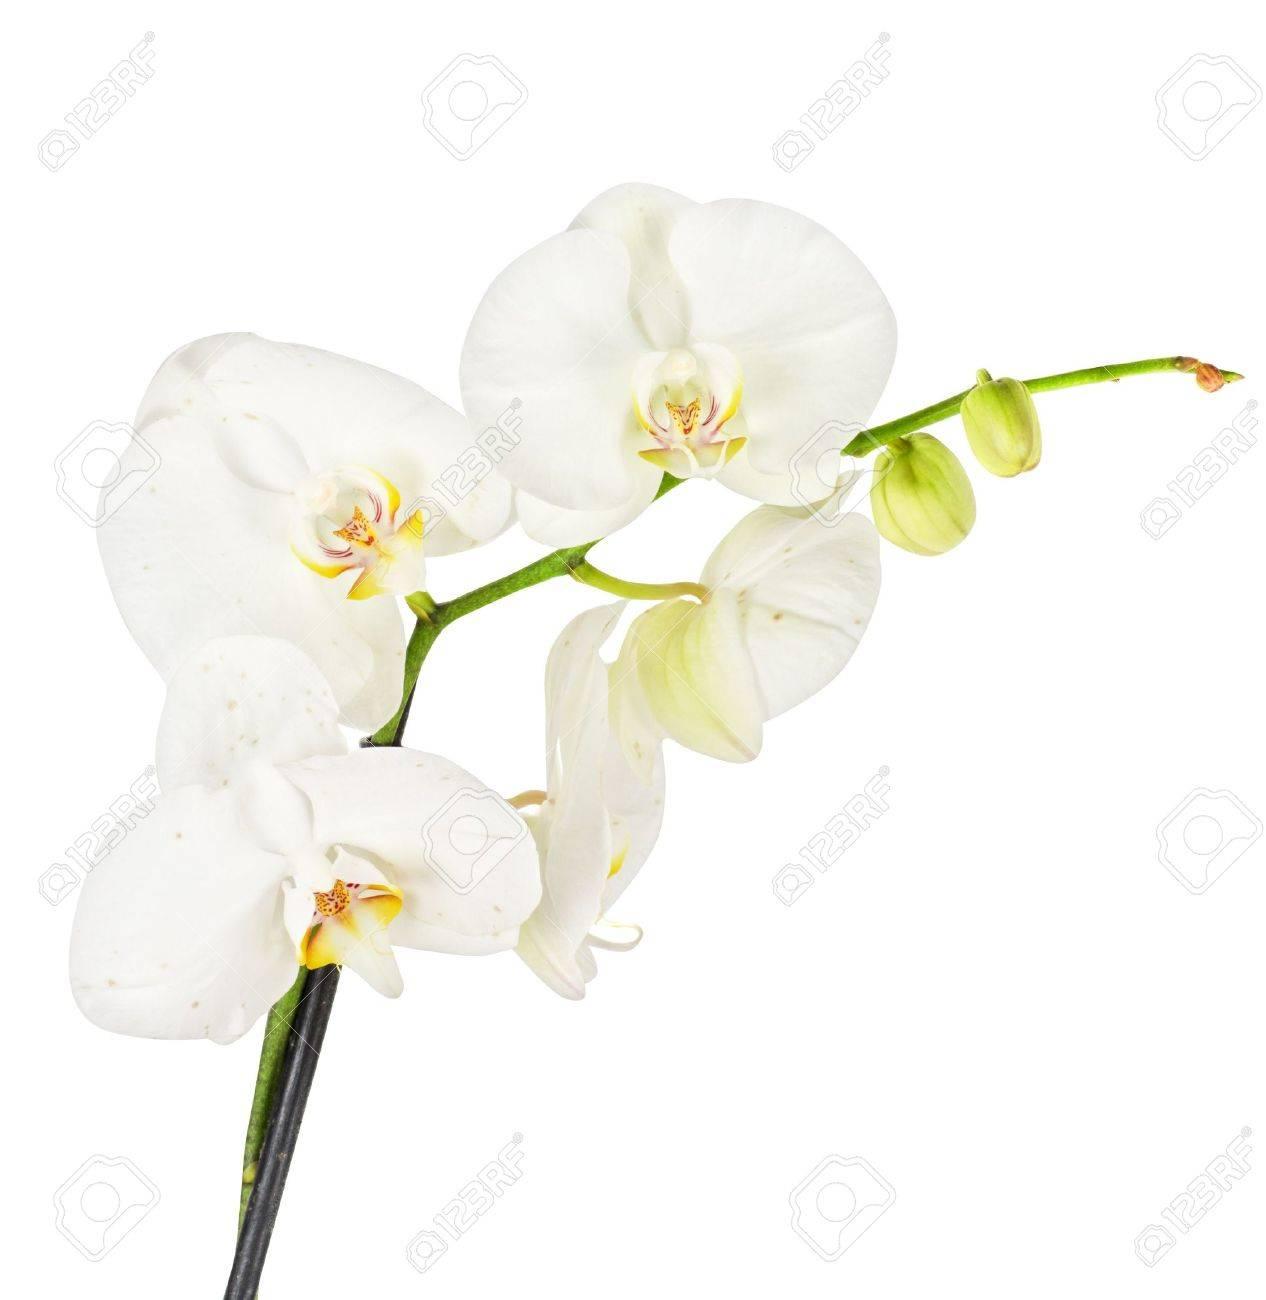 Foto de archivo , Orquídea blanca closep en un fondo blanco